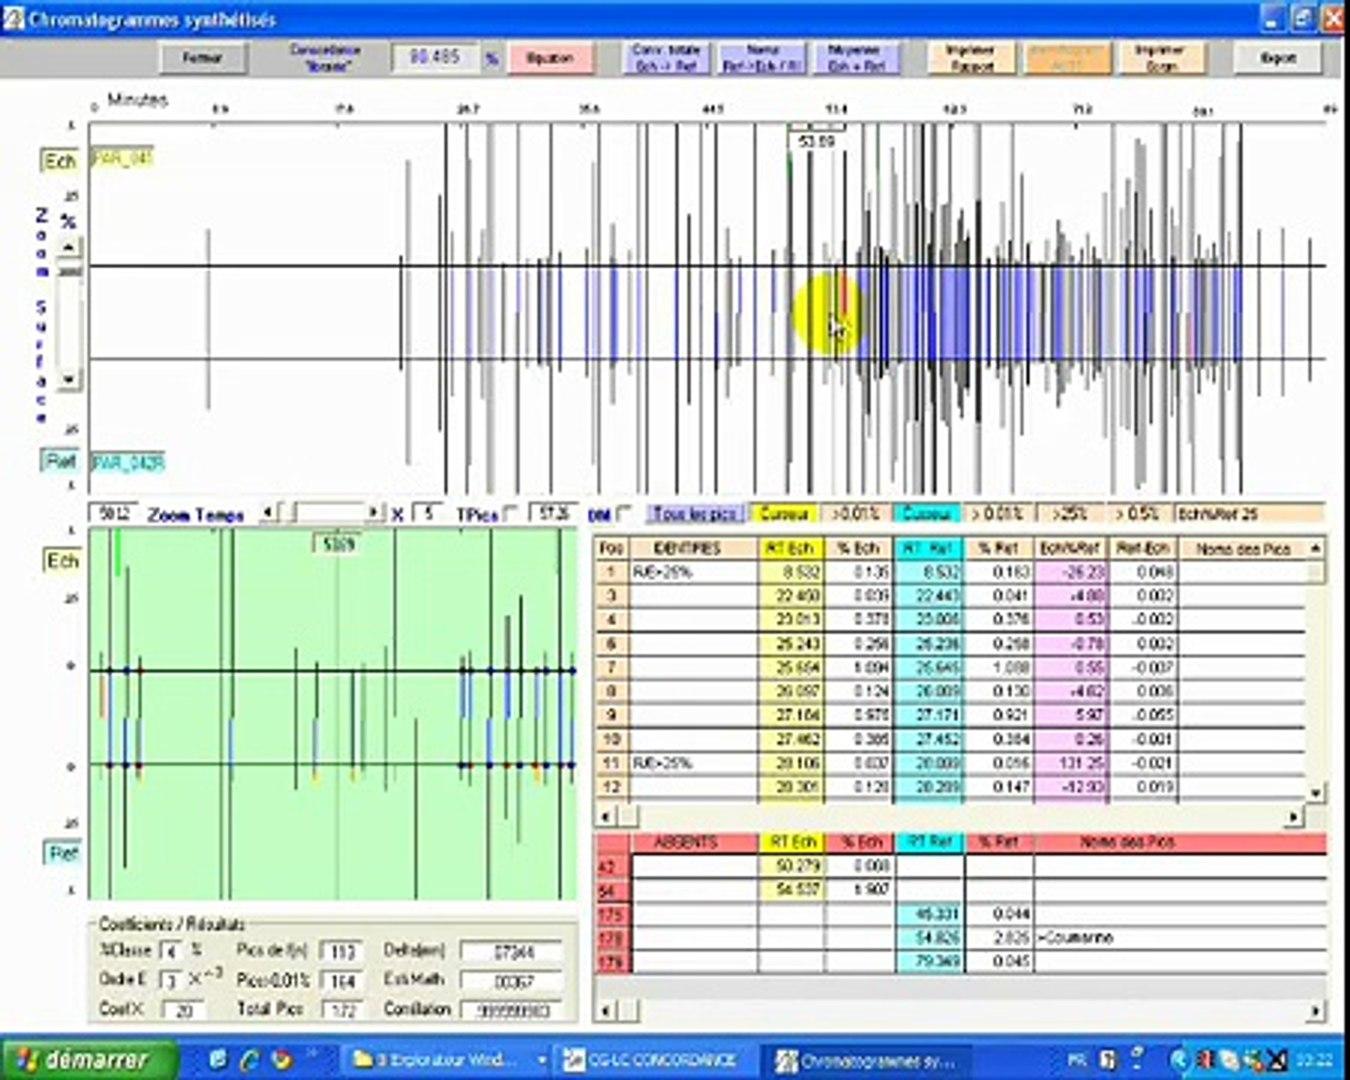 Automatic chromatograms comparisons